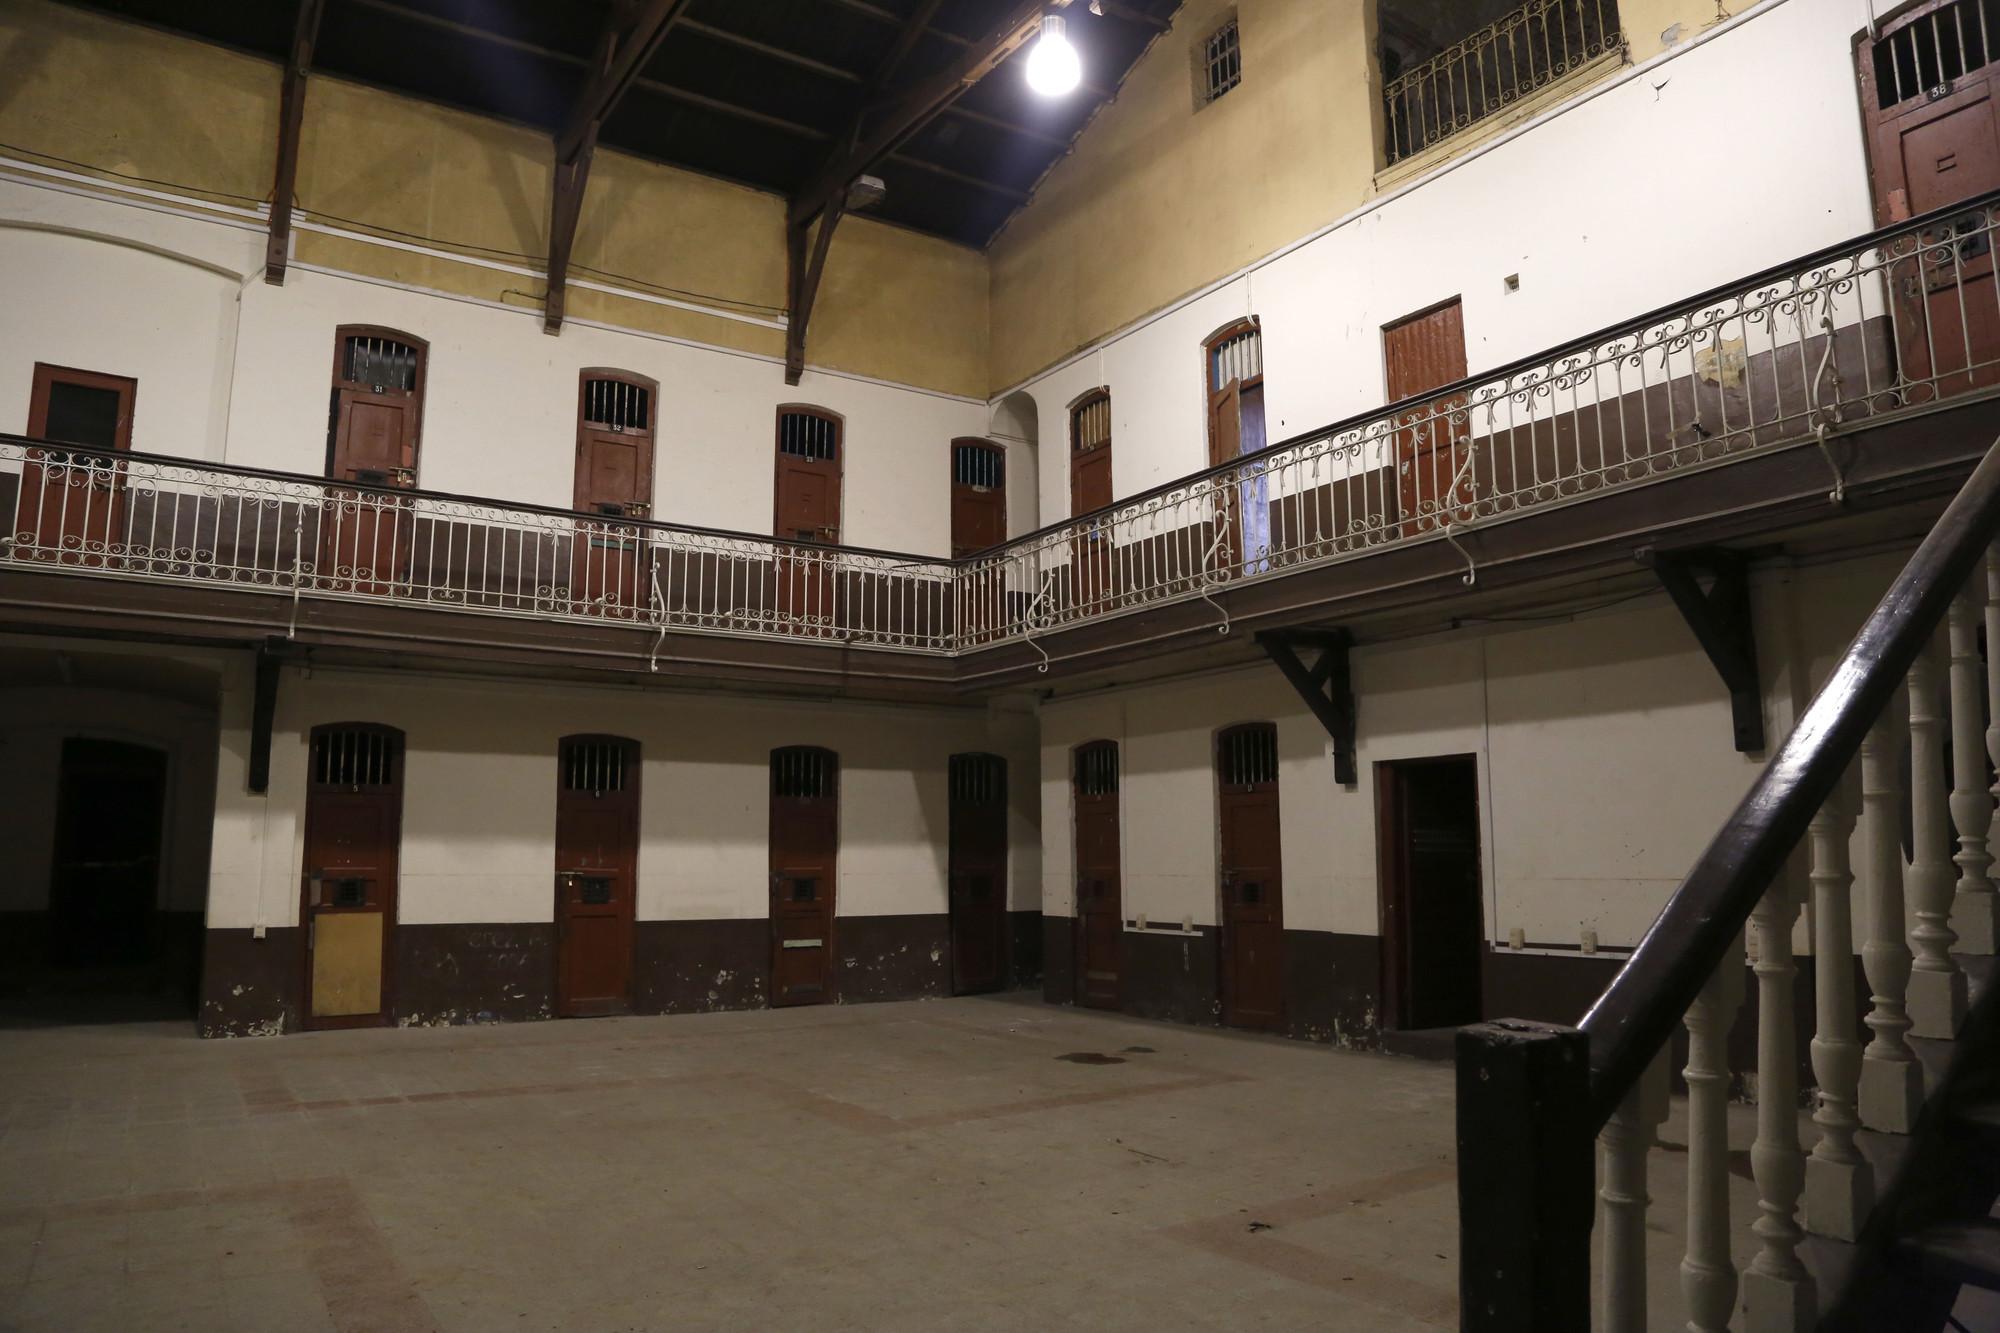 La ex-cárcel de Punta Arenas será habilitada para convertirse en la Biblioteca y Archivo Regional de Magallanes